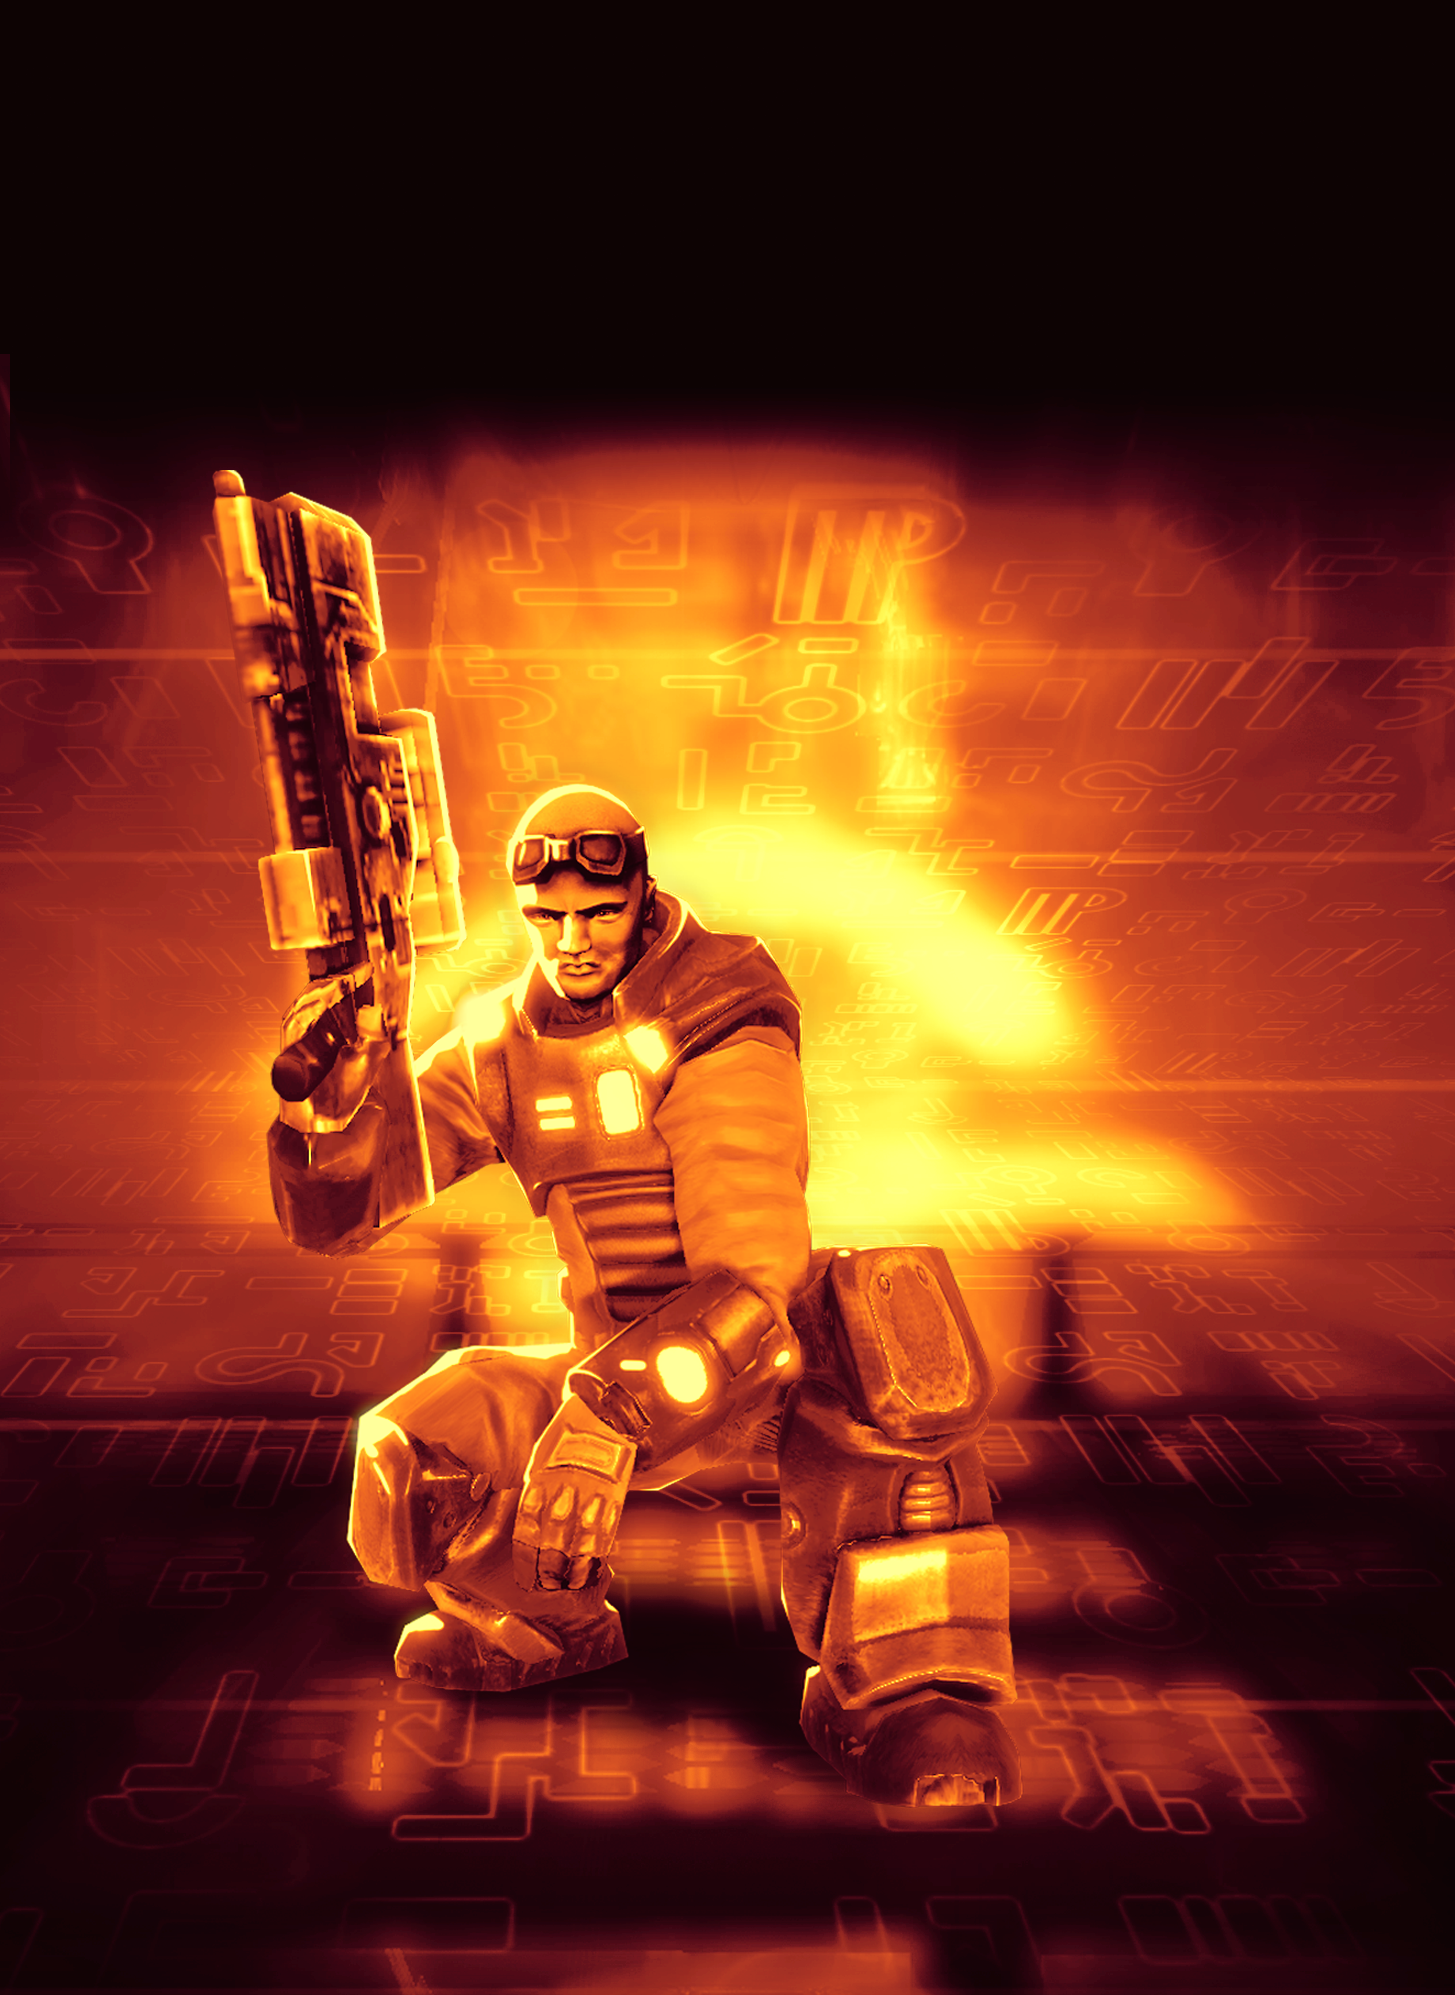 Арт к игре Alien Breed 3: Descent